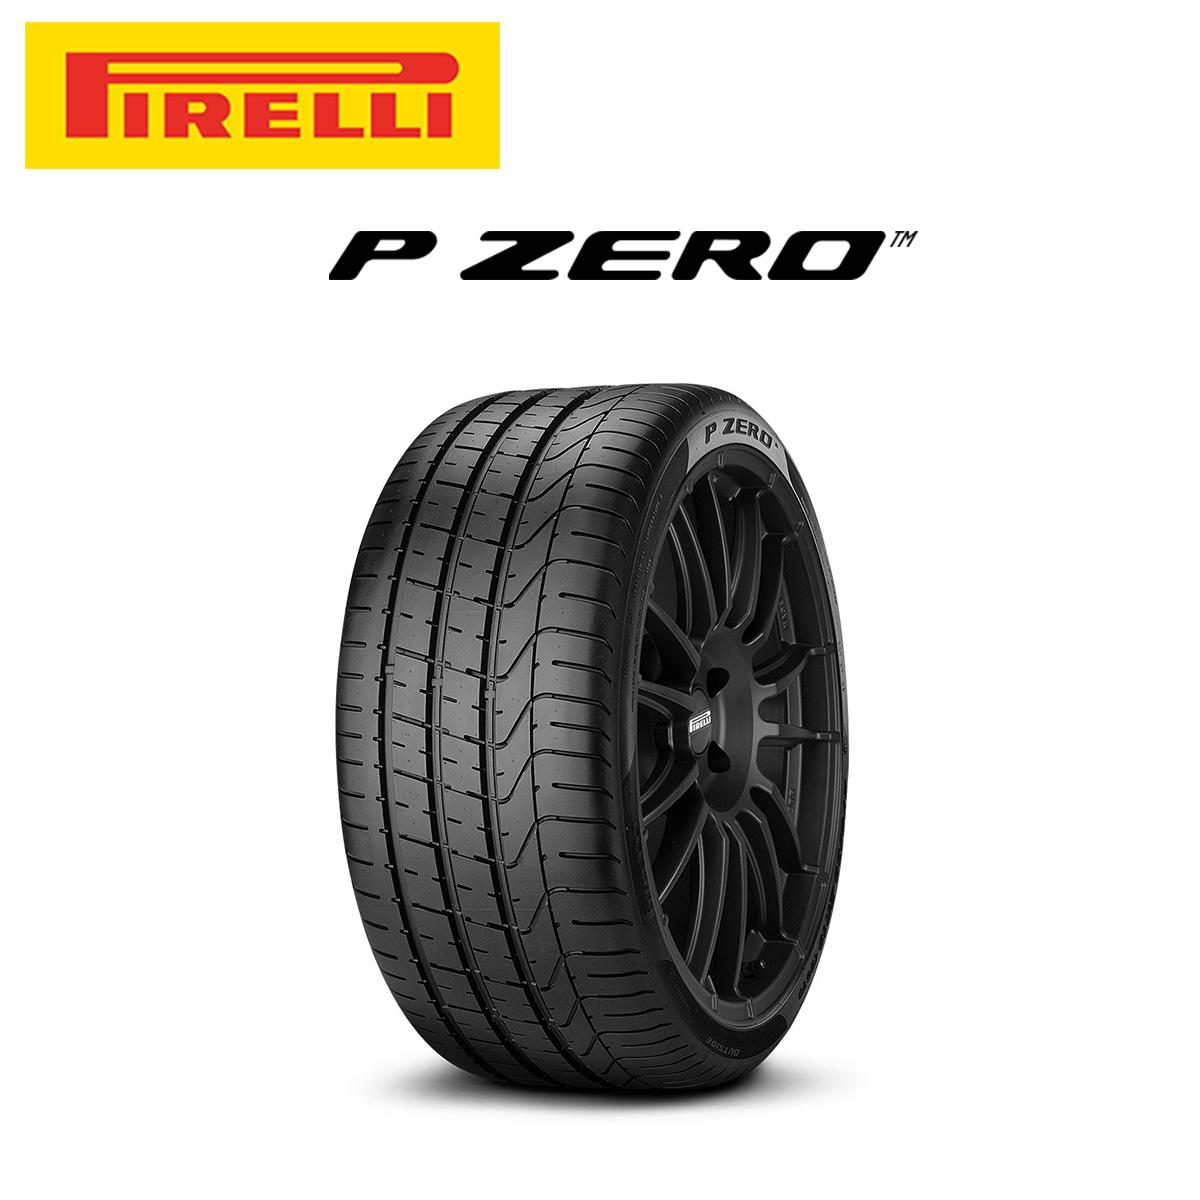 ピレリ PIRELLI P ZERO ピーゼロ 21インチ サマー タイヤ 4本 セット 265/40R21 105Y XL MGT:マセラティ承認タイヤ 2611500